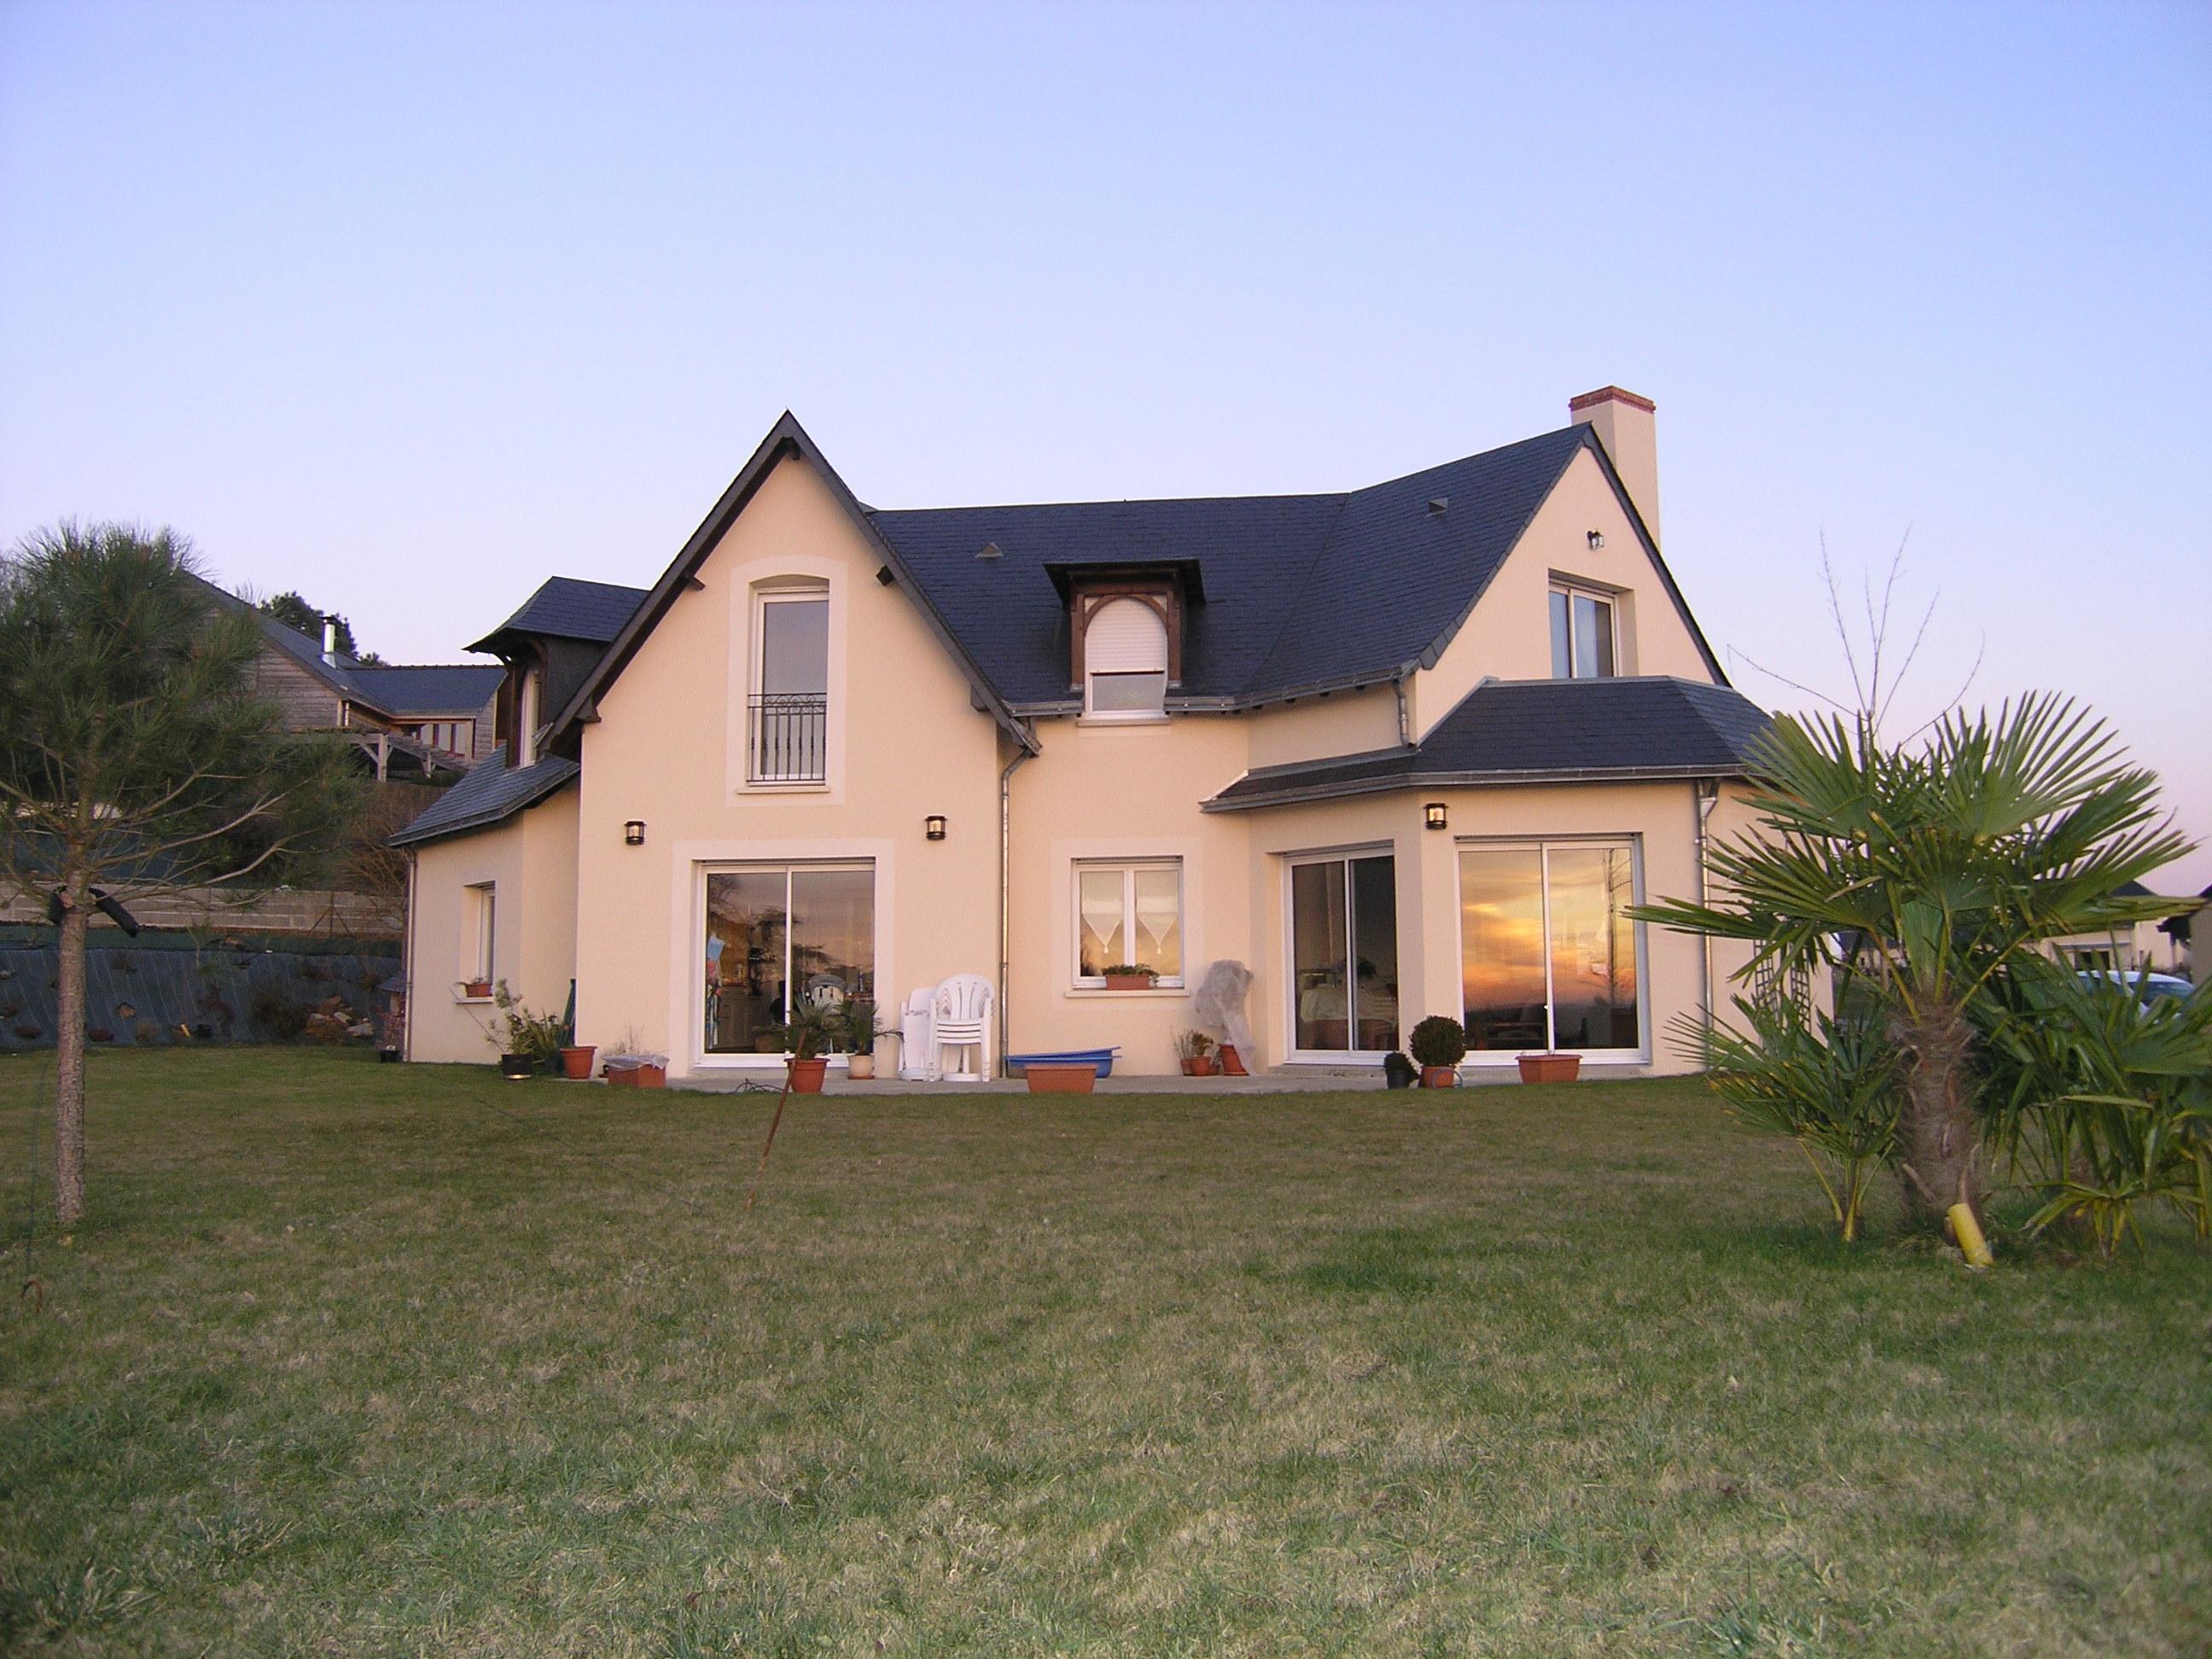 L 39 habitation dominique chaplet architecte dplg - Taxe habitation construction neuve ...